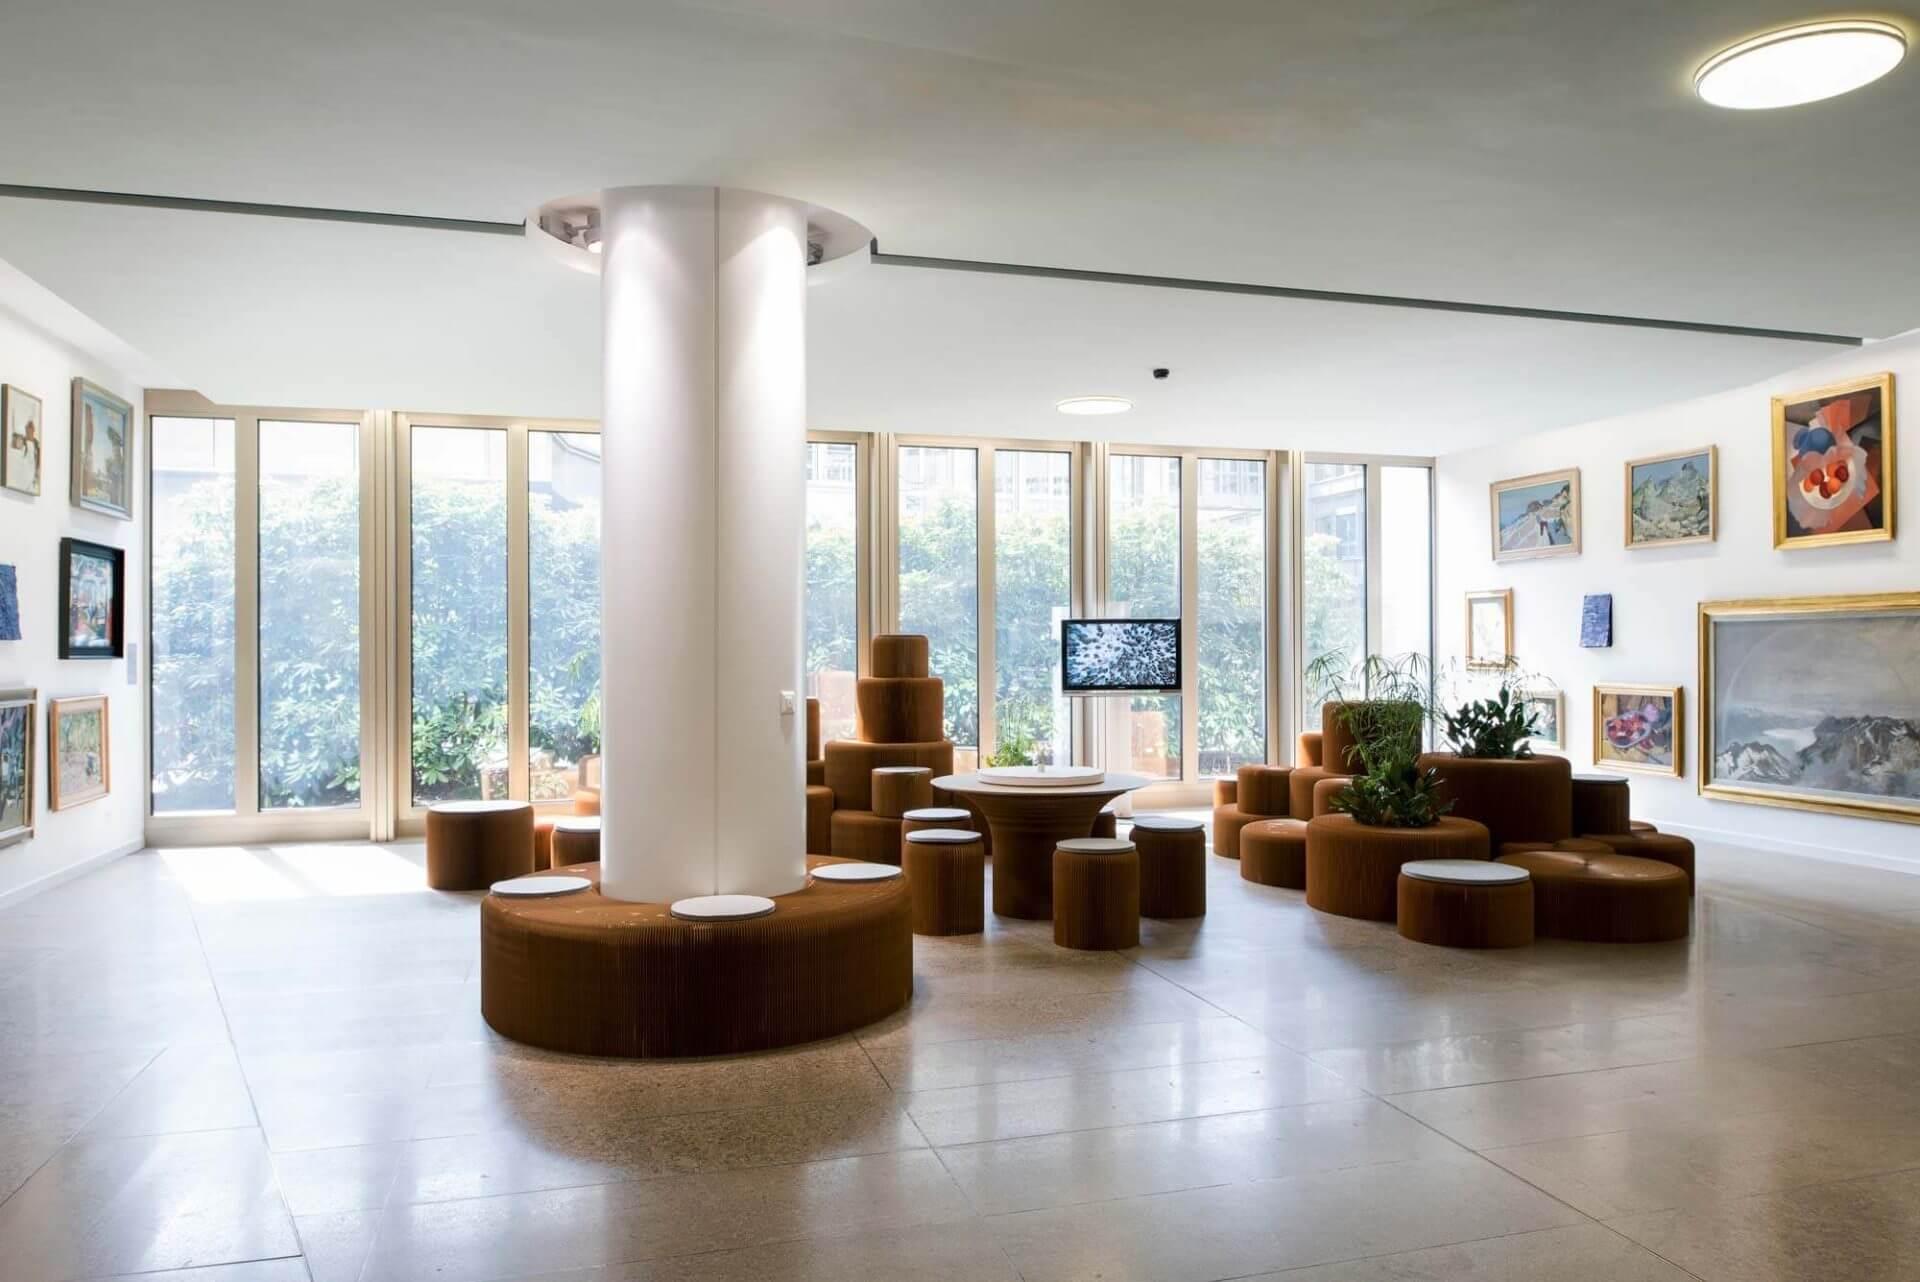 FLOW Konzeption Einrichtung Lounge «Kunst & Nachhaltigkeit Vol. 7», Herbst 2016 bis Sommer 2017. Die Mobiliar, Direktion Bern